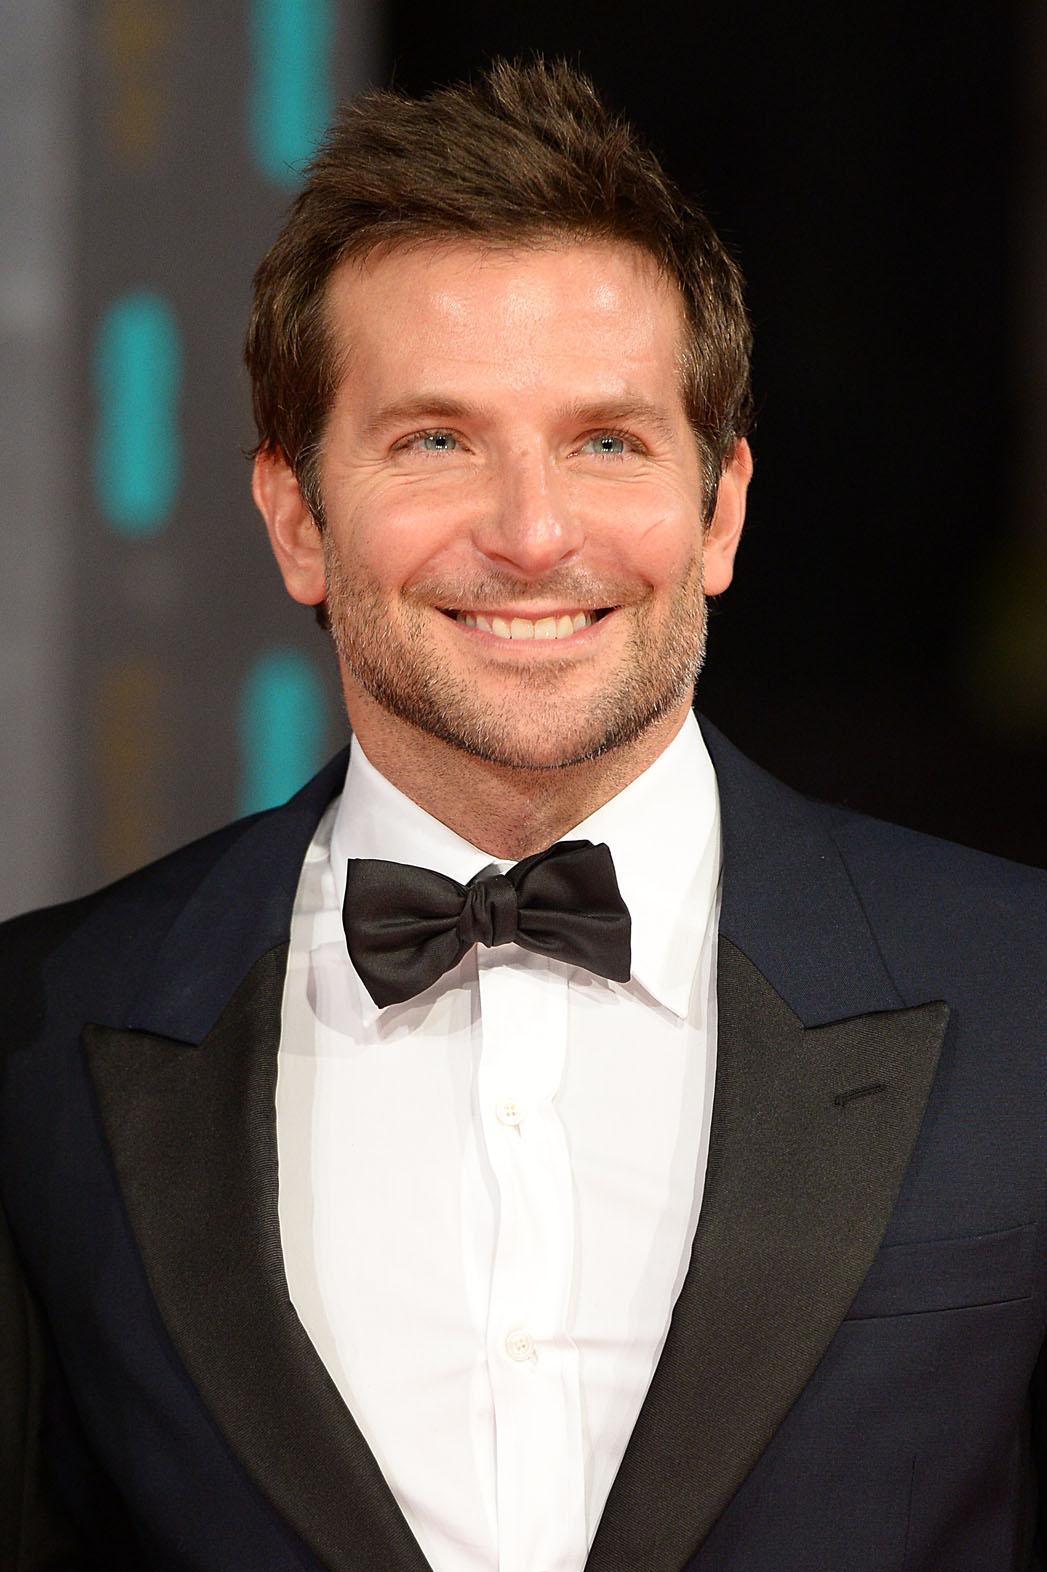 Bradley Cooper Headshot BAFTA Awards - P 2014